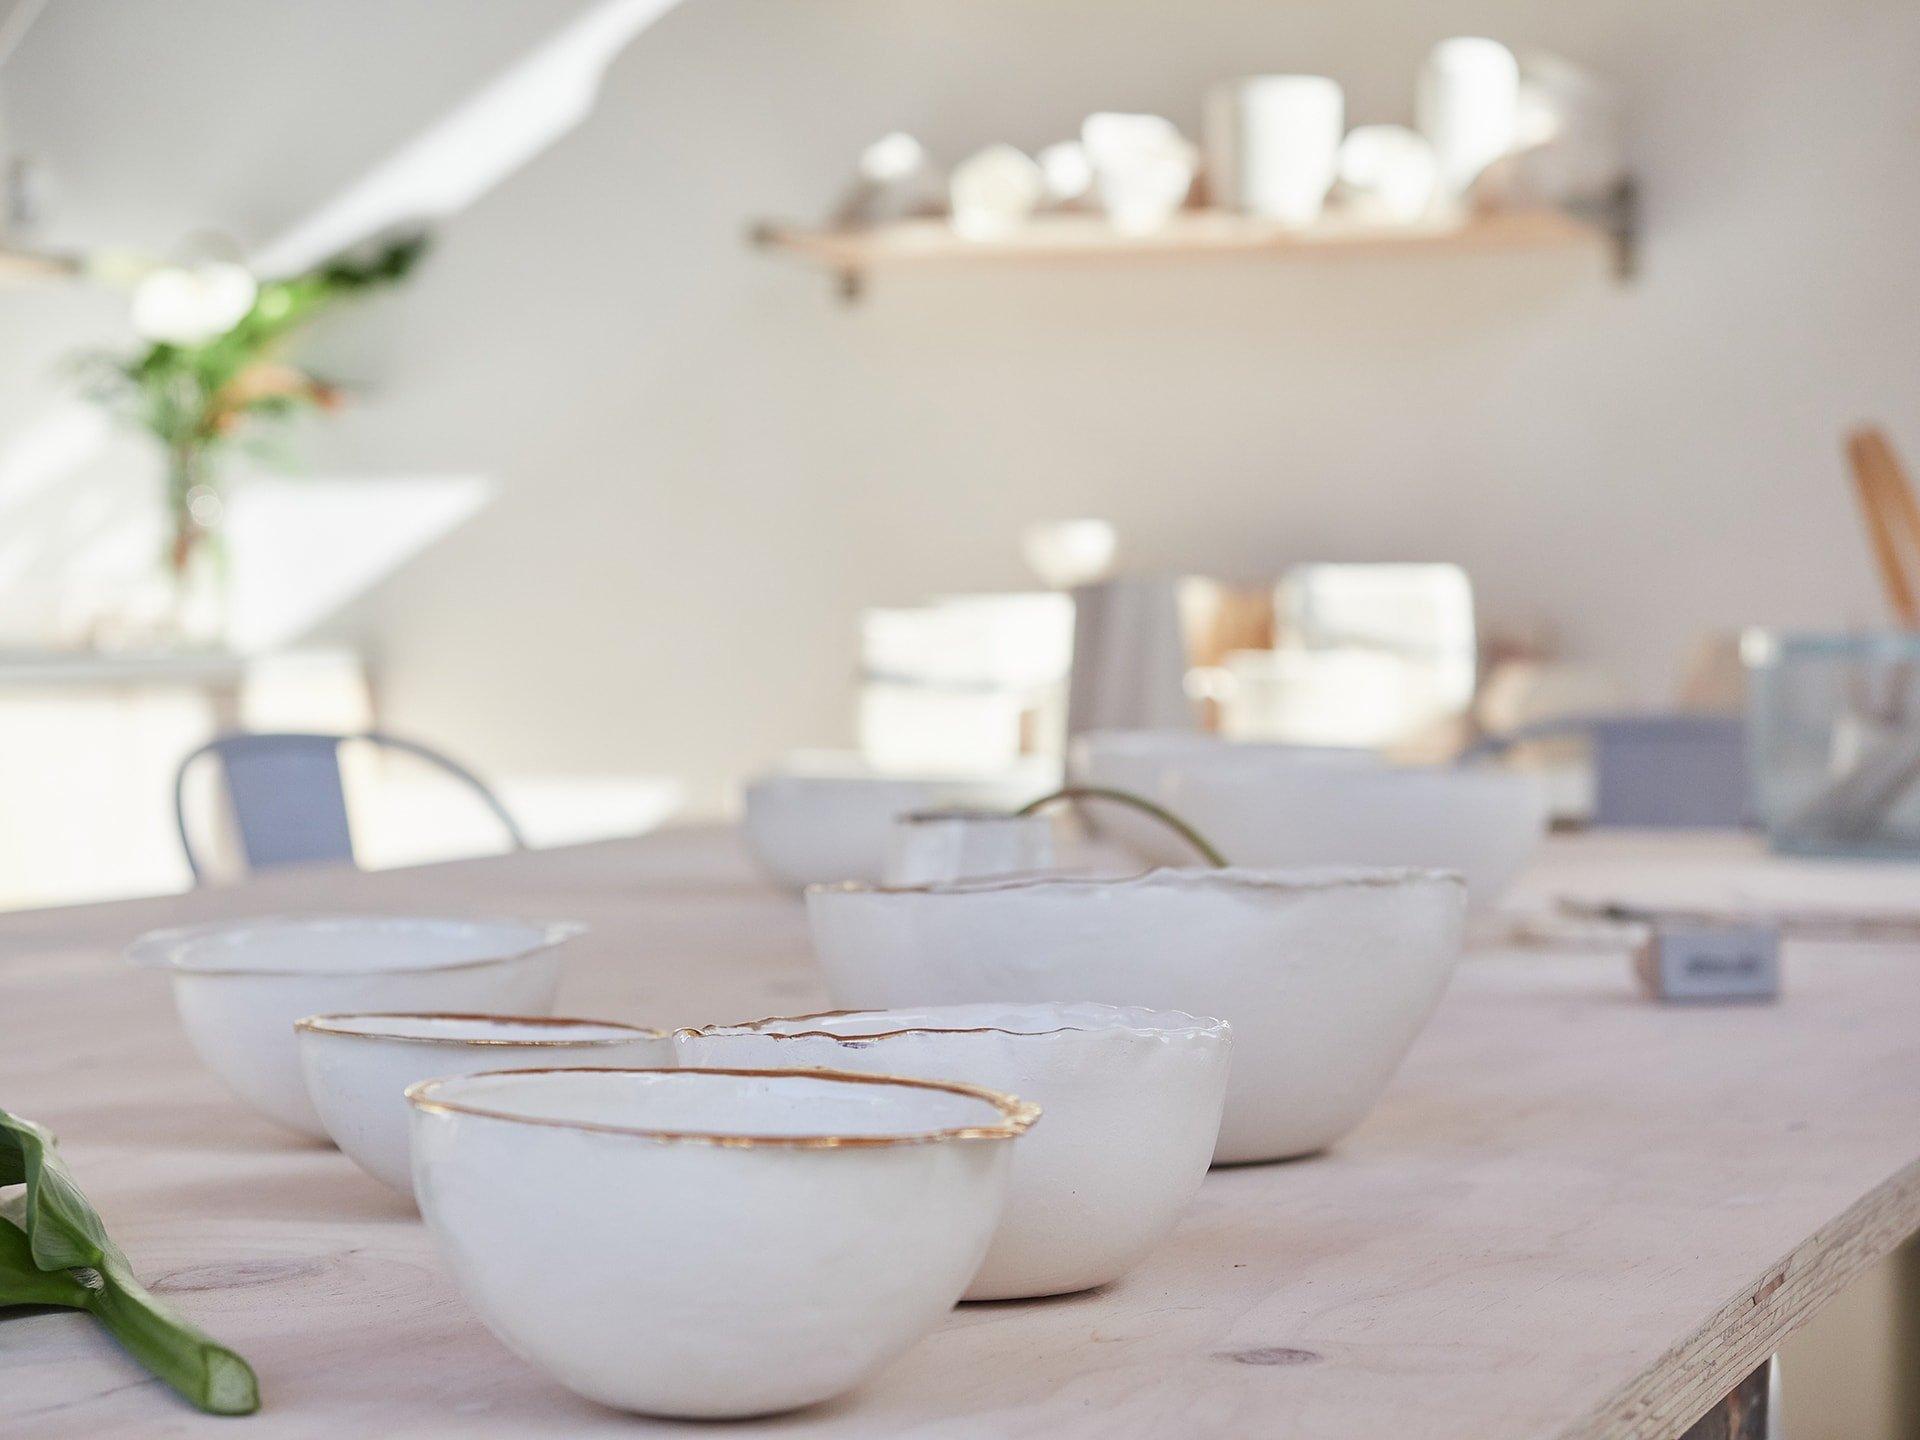 Cuencos de cerámica Woodic